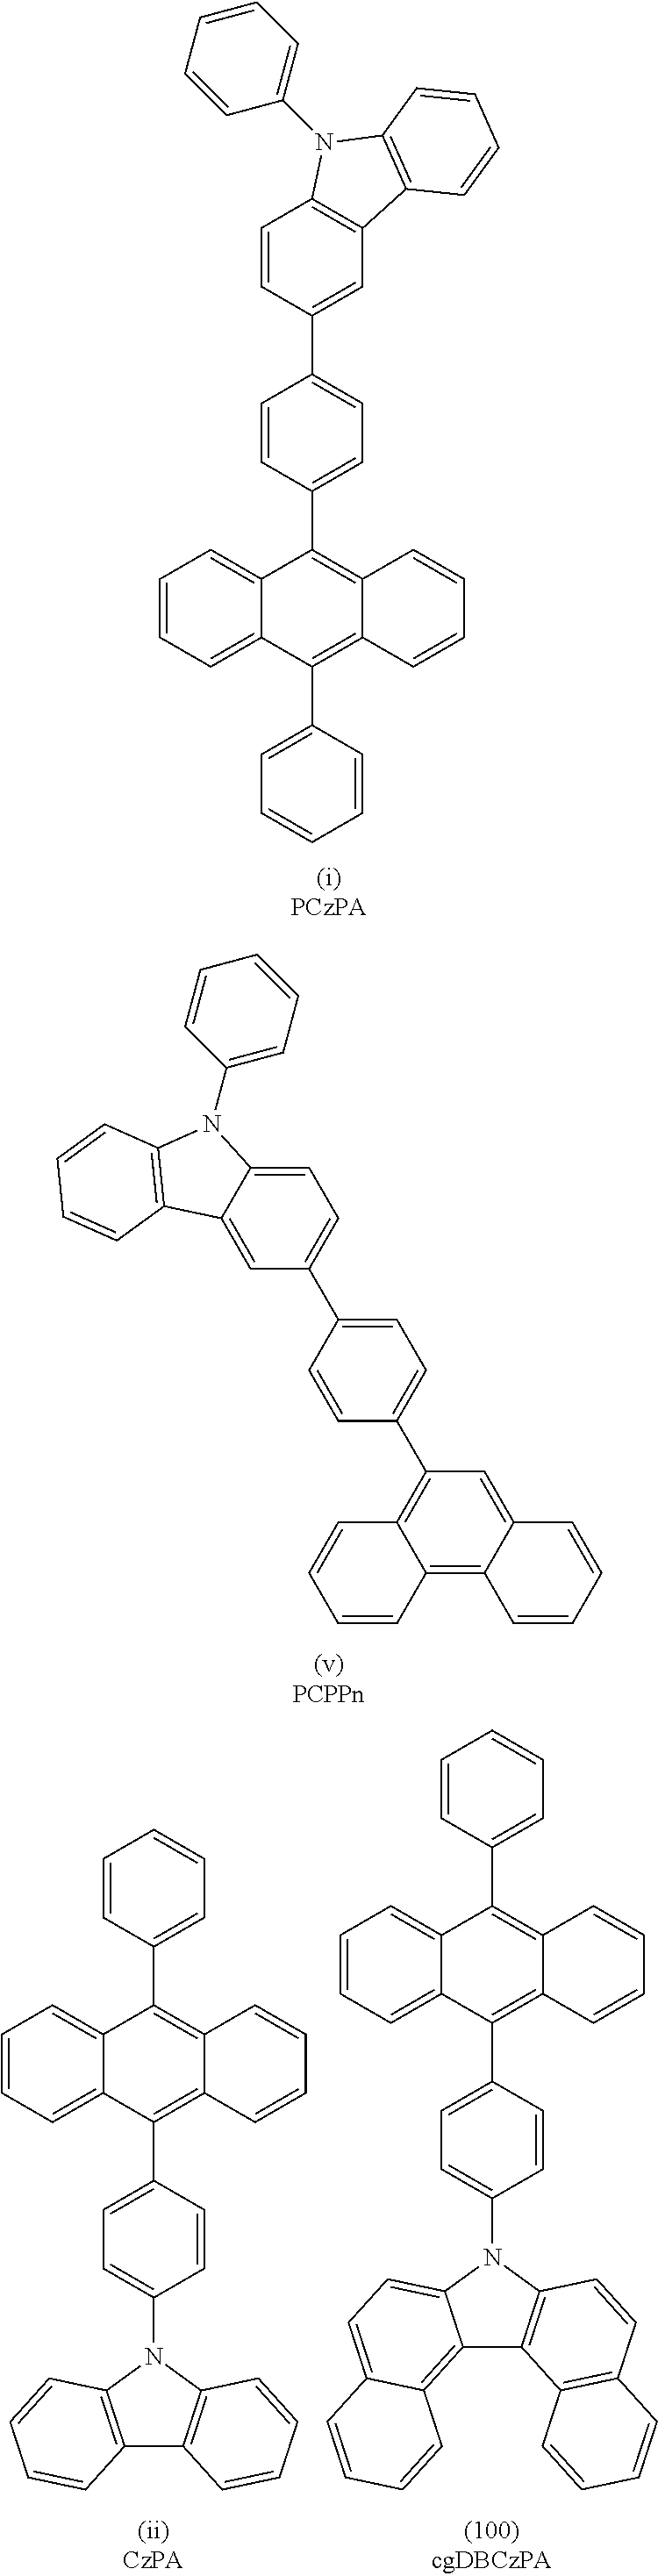 Figure US09240558-20160119-C00063